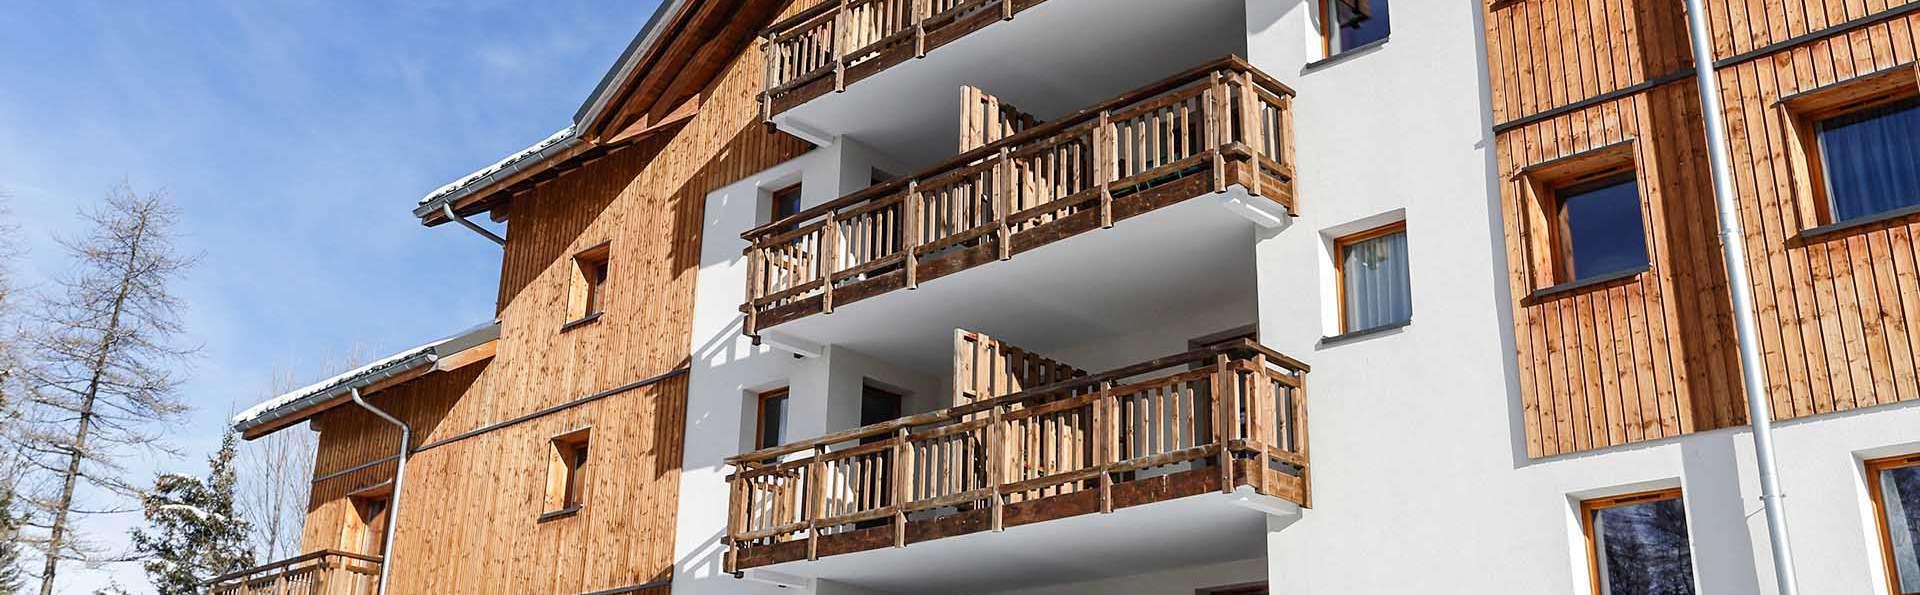 Séjour aux Deux Alpes dans un appartement 3* au pied des pistes